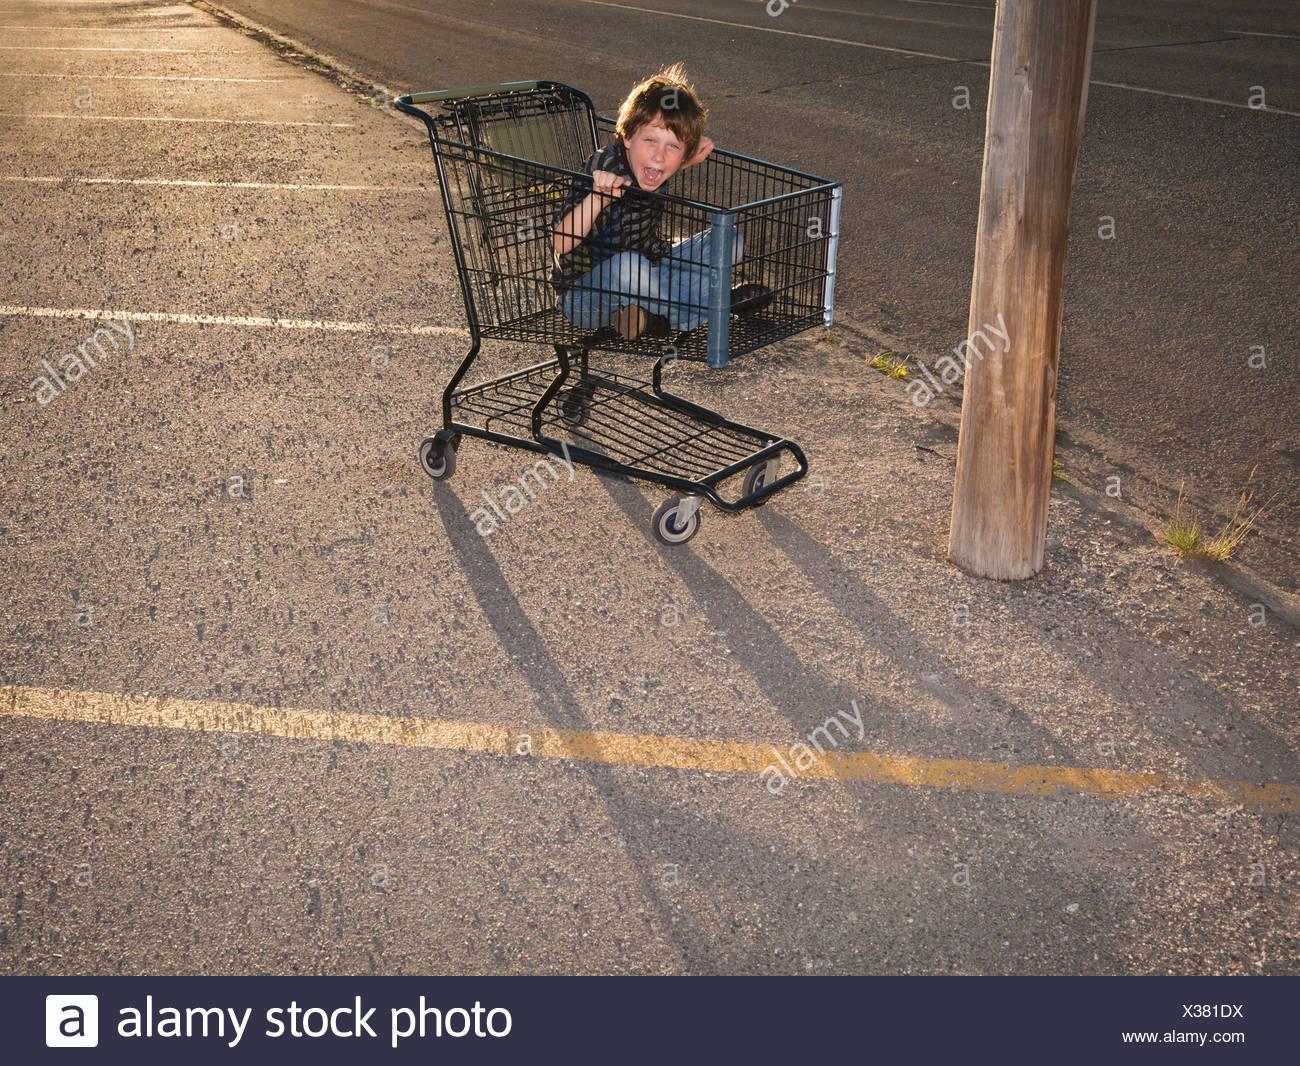 Junge mit Warenkorb als Vehikel Stockbild